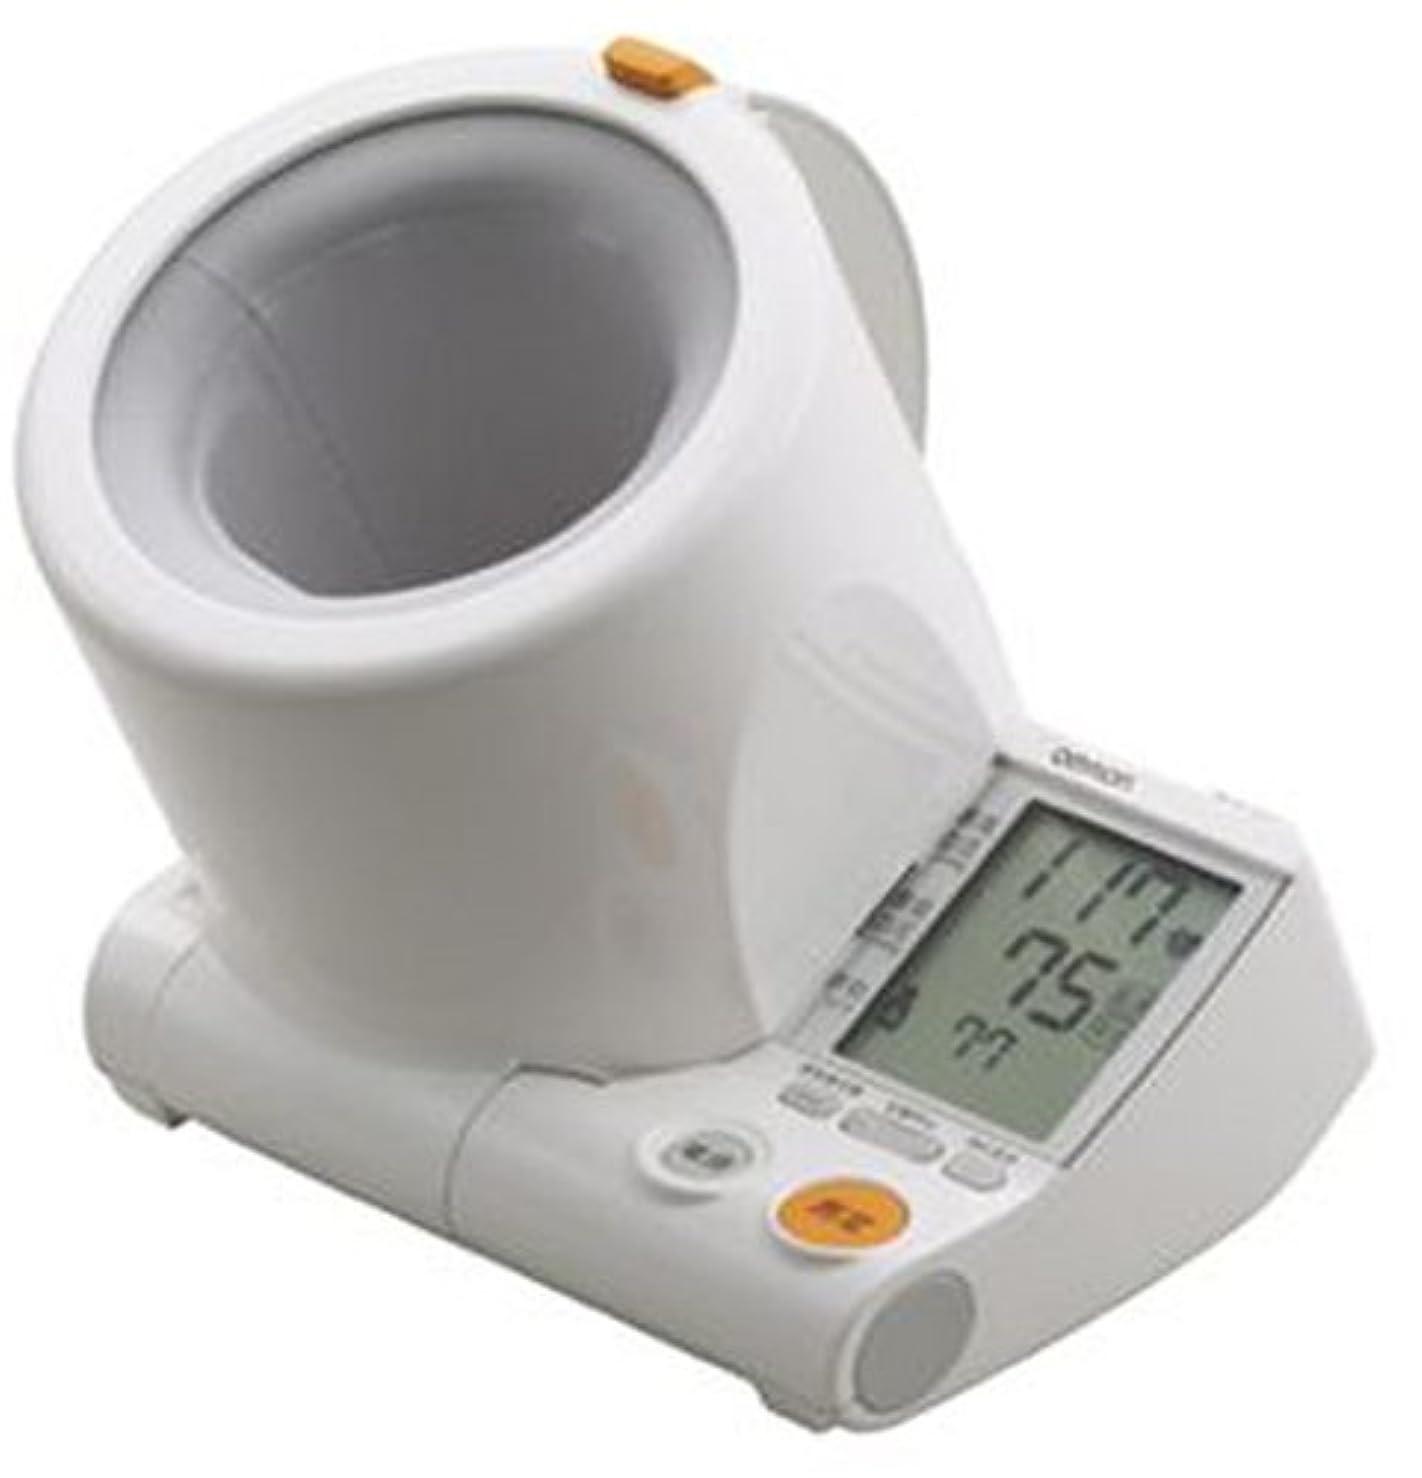 割り当てます便利さ固めるOMRON スポットアーム デジタル自動血圧計 HEM-1000